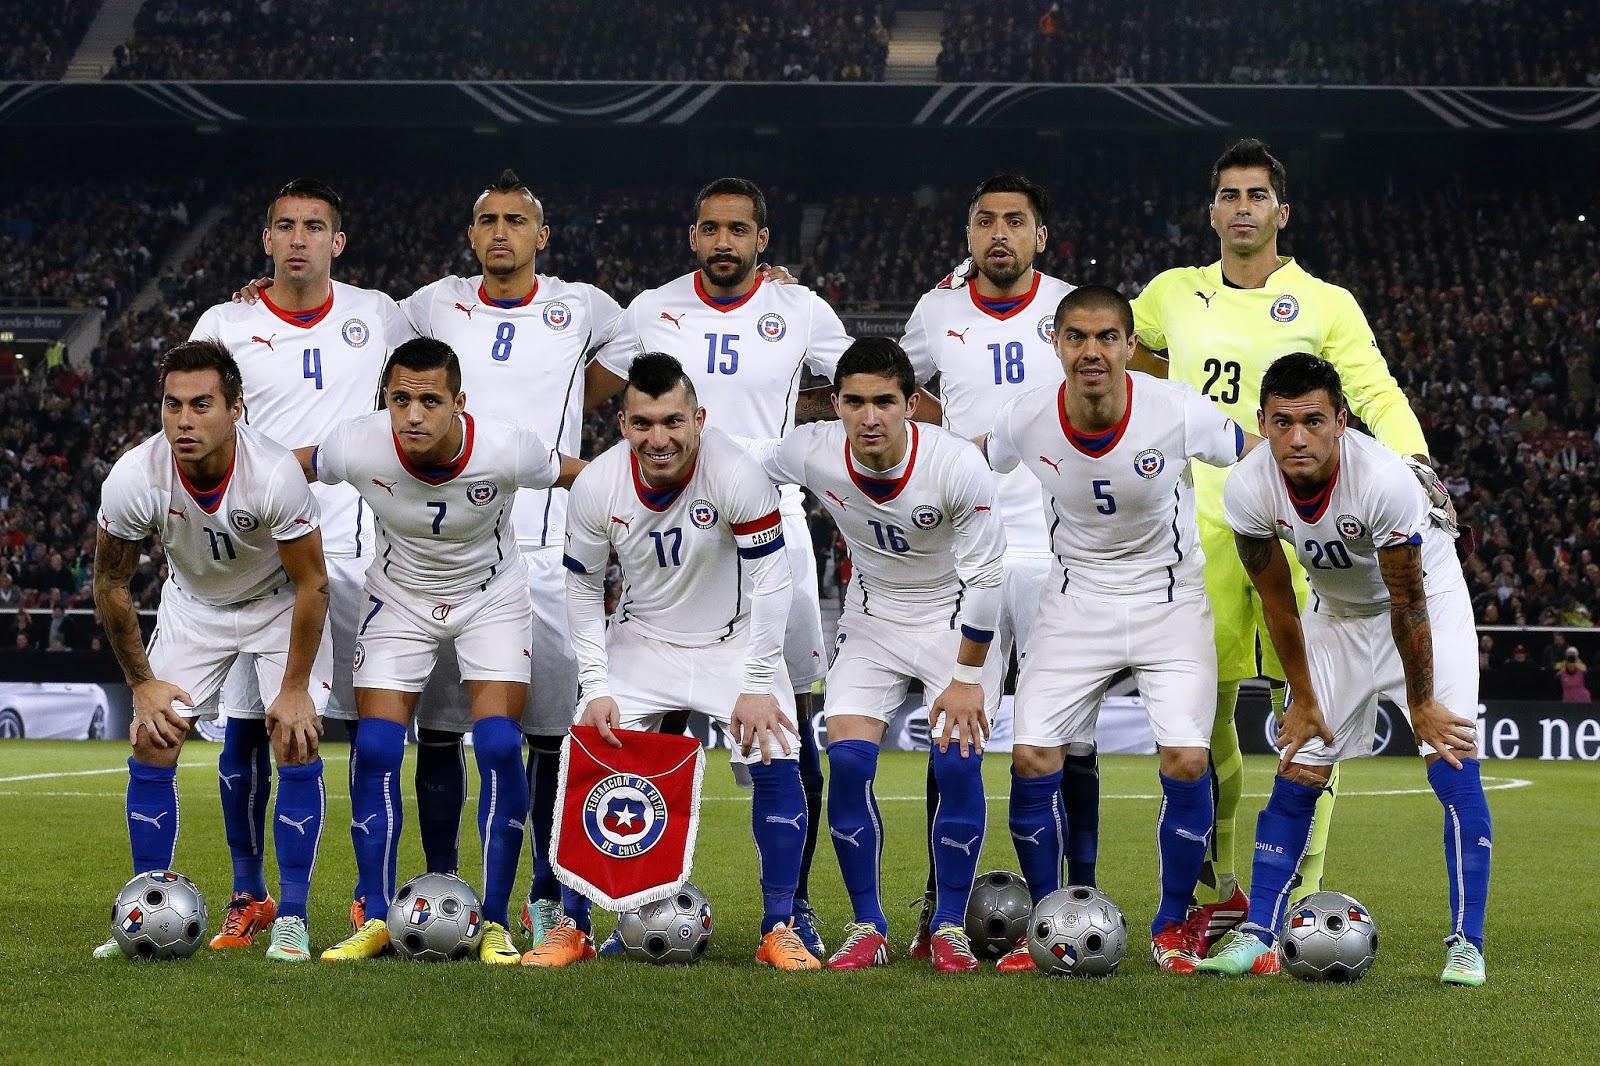 Formación de Chile ante Alemania, amistoso disputado el 5 de marzo de 2014